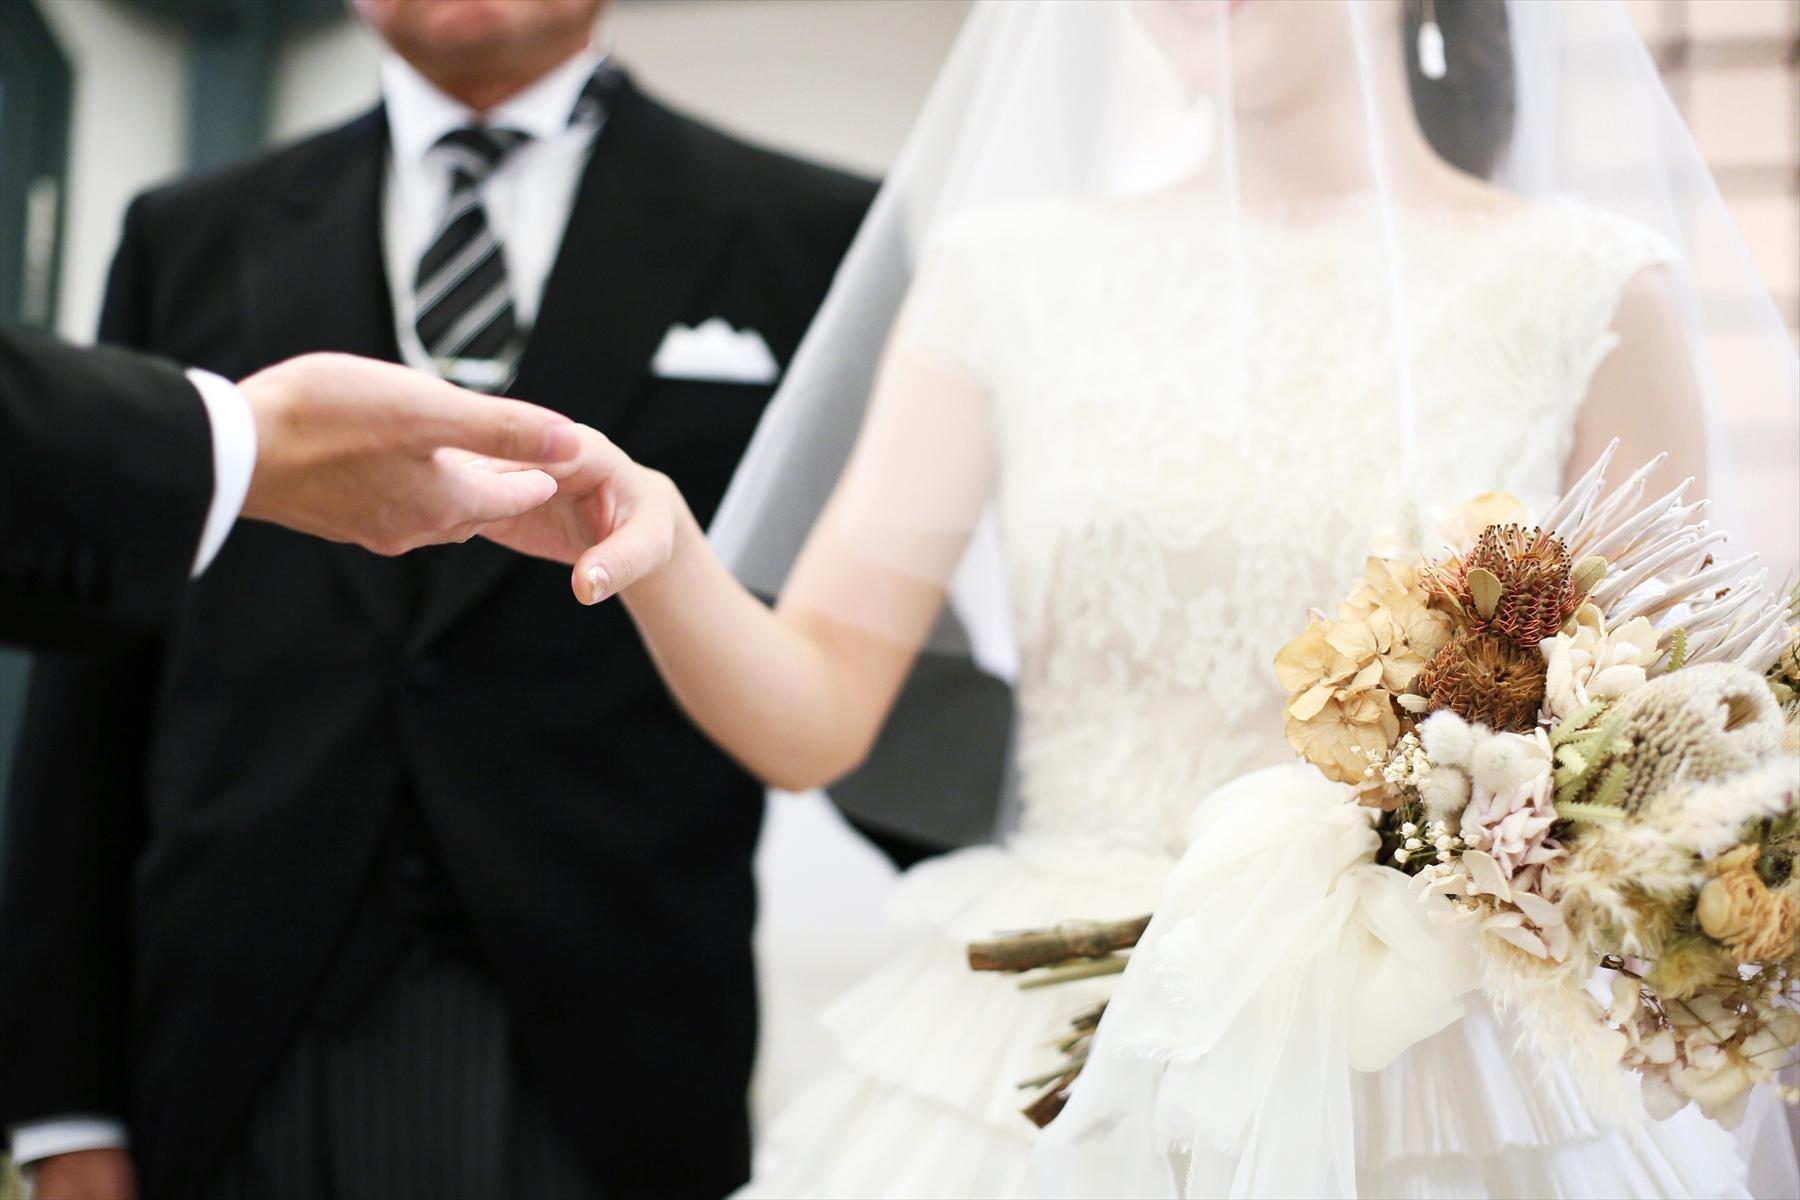 アニバーサリーアン恵比寿 パーティレポート 挙式 新郎新婦